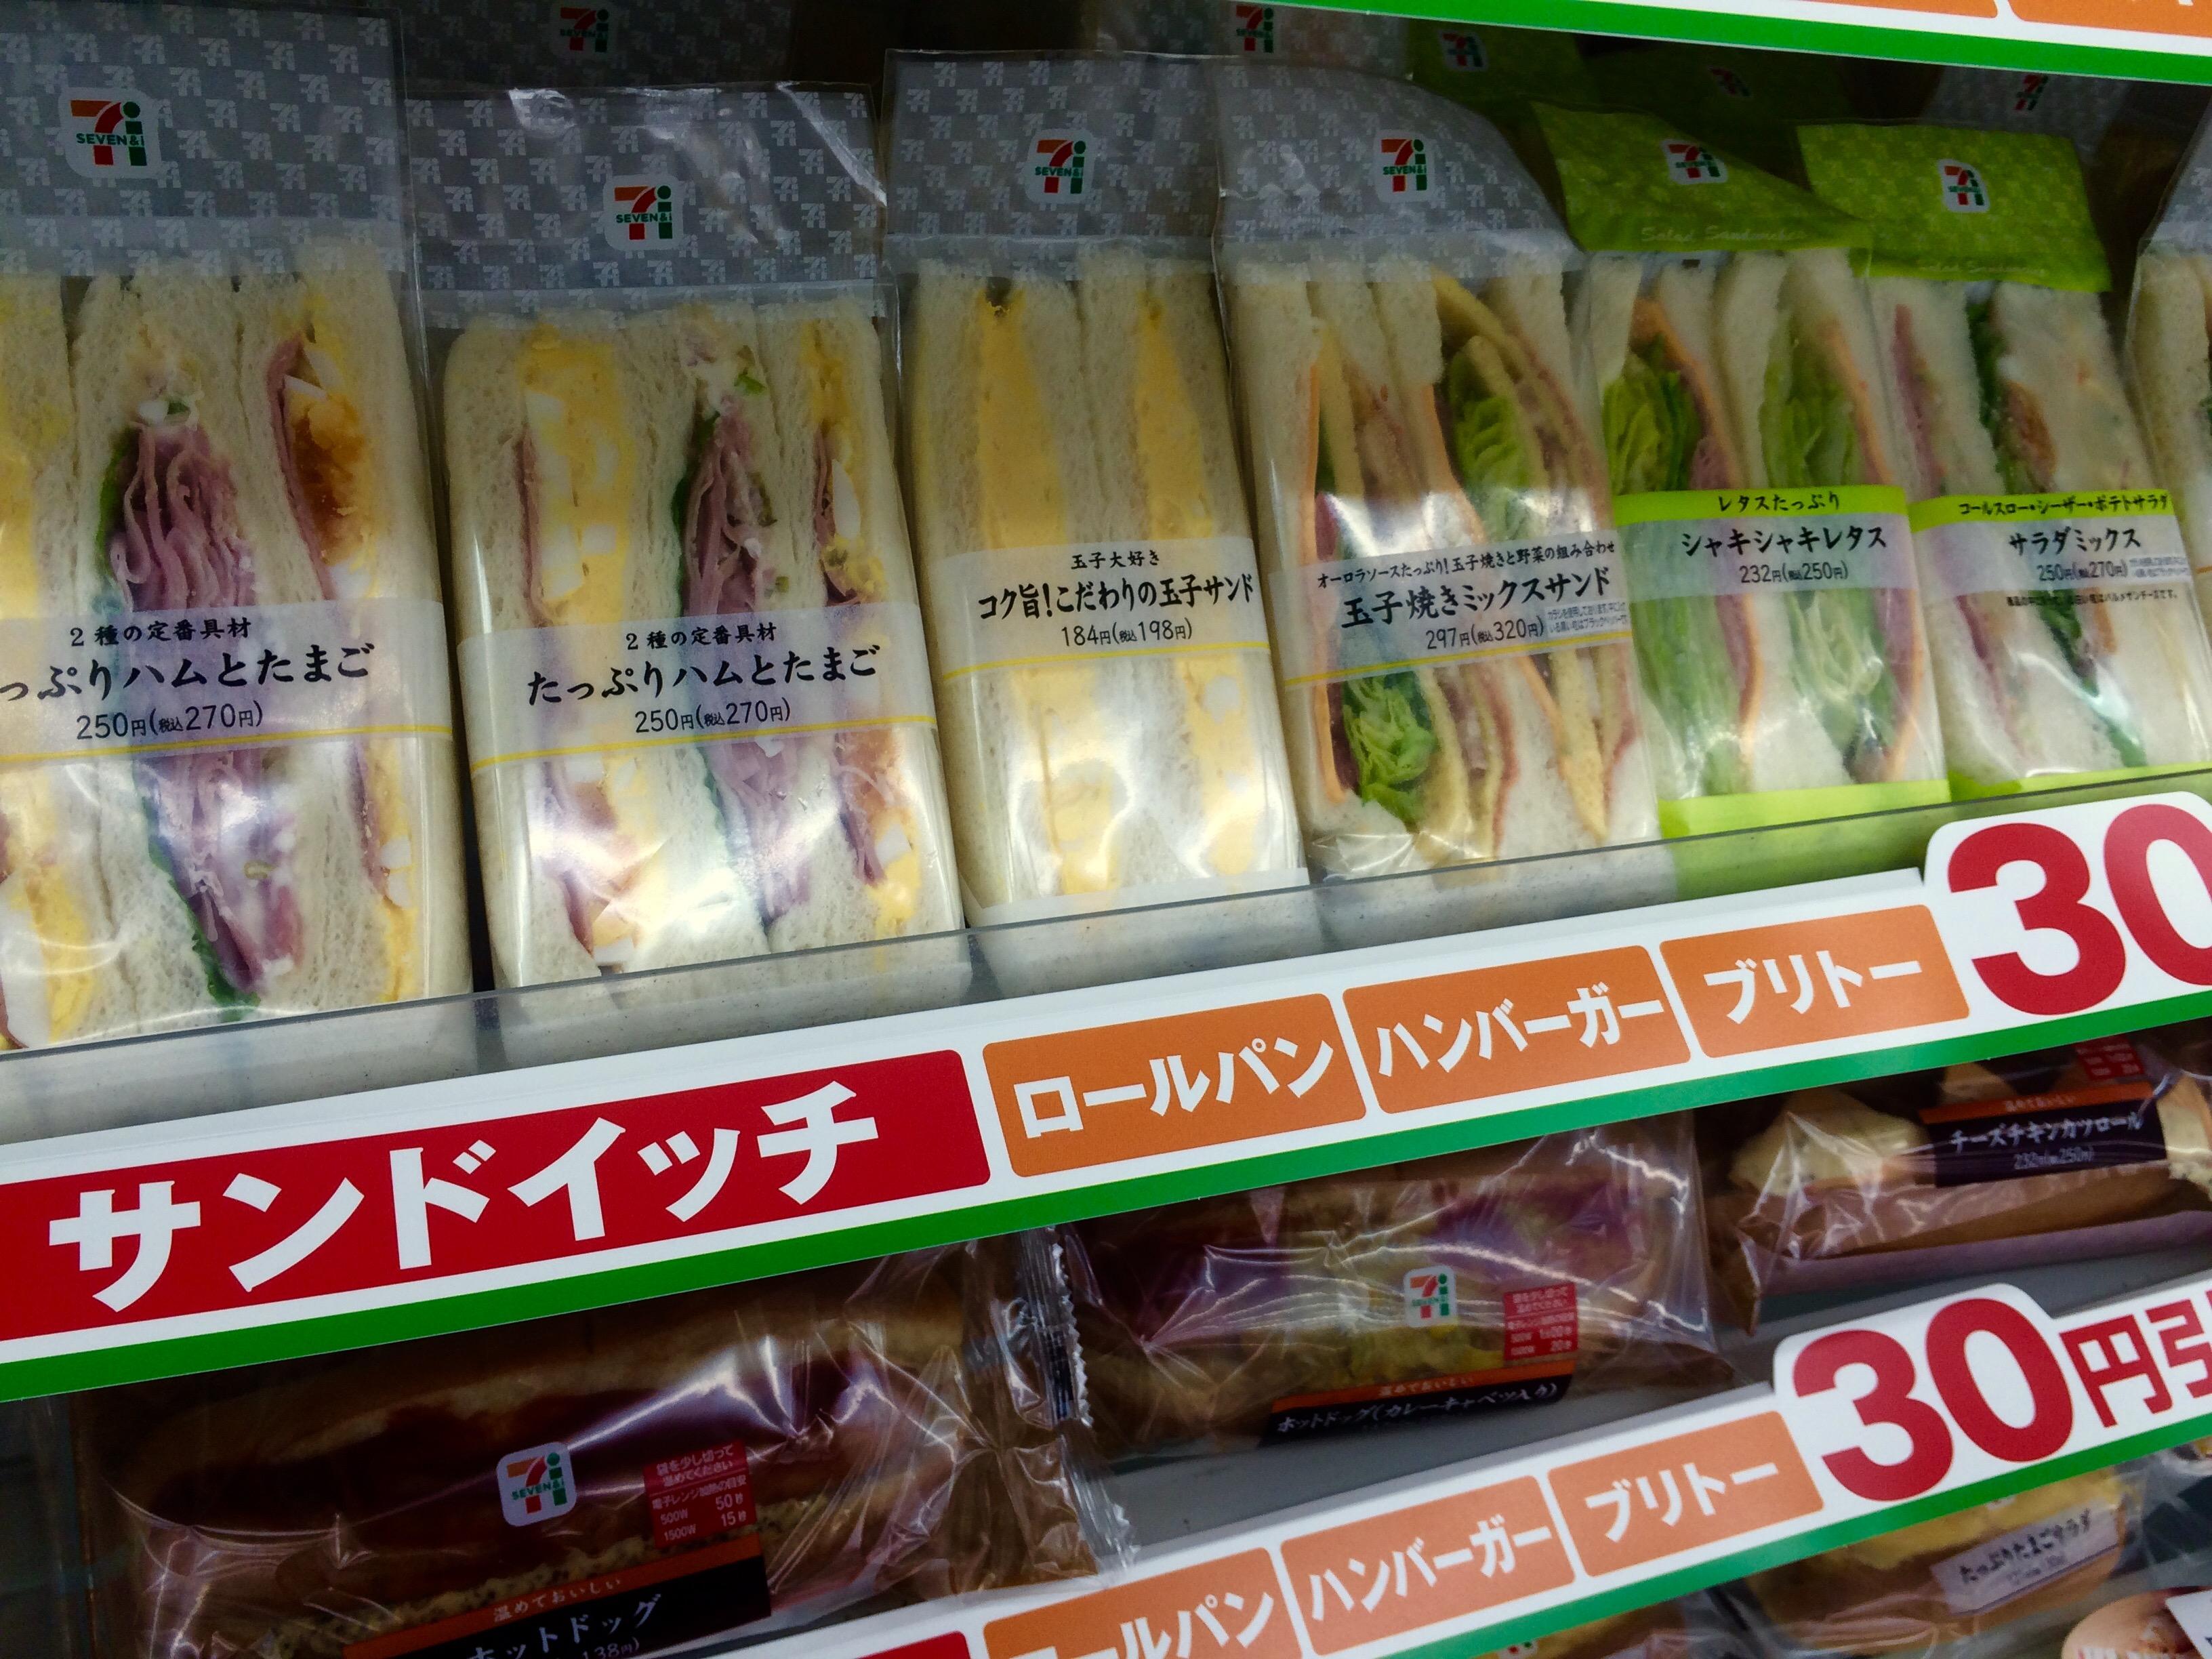 サンドイッチ30円引きセールを行っています